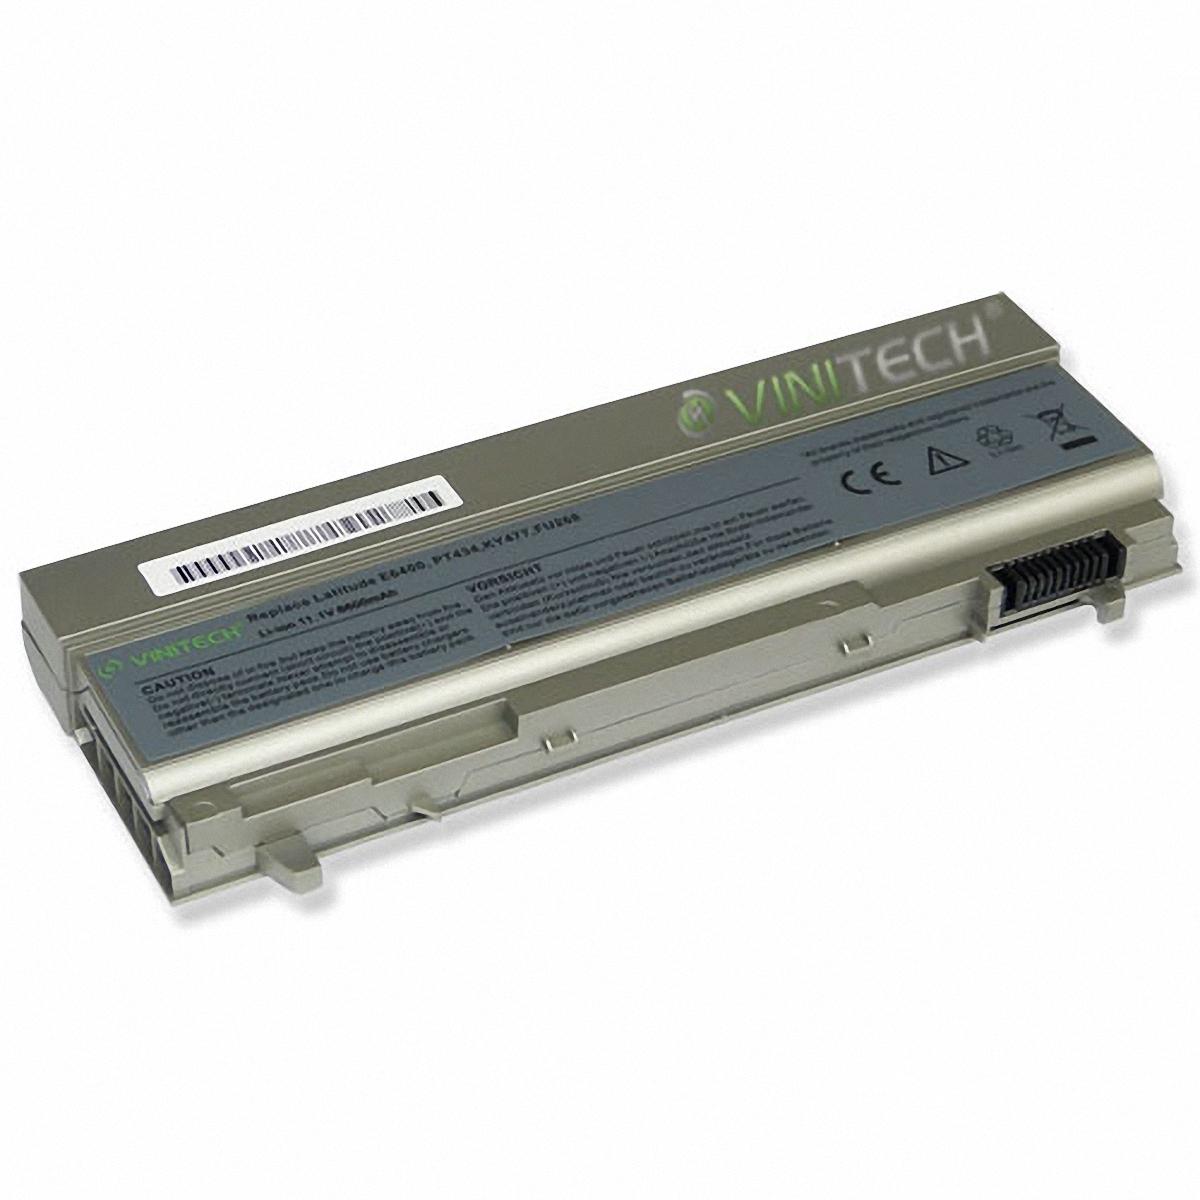 Akku für Dell Precision M2400 M4400 M4500 451-11376 GU715 6600mAh